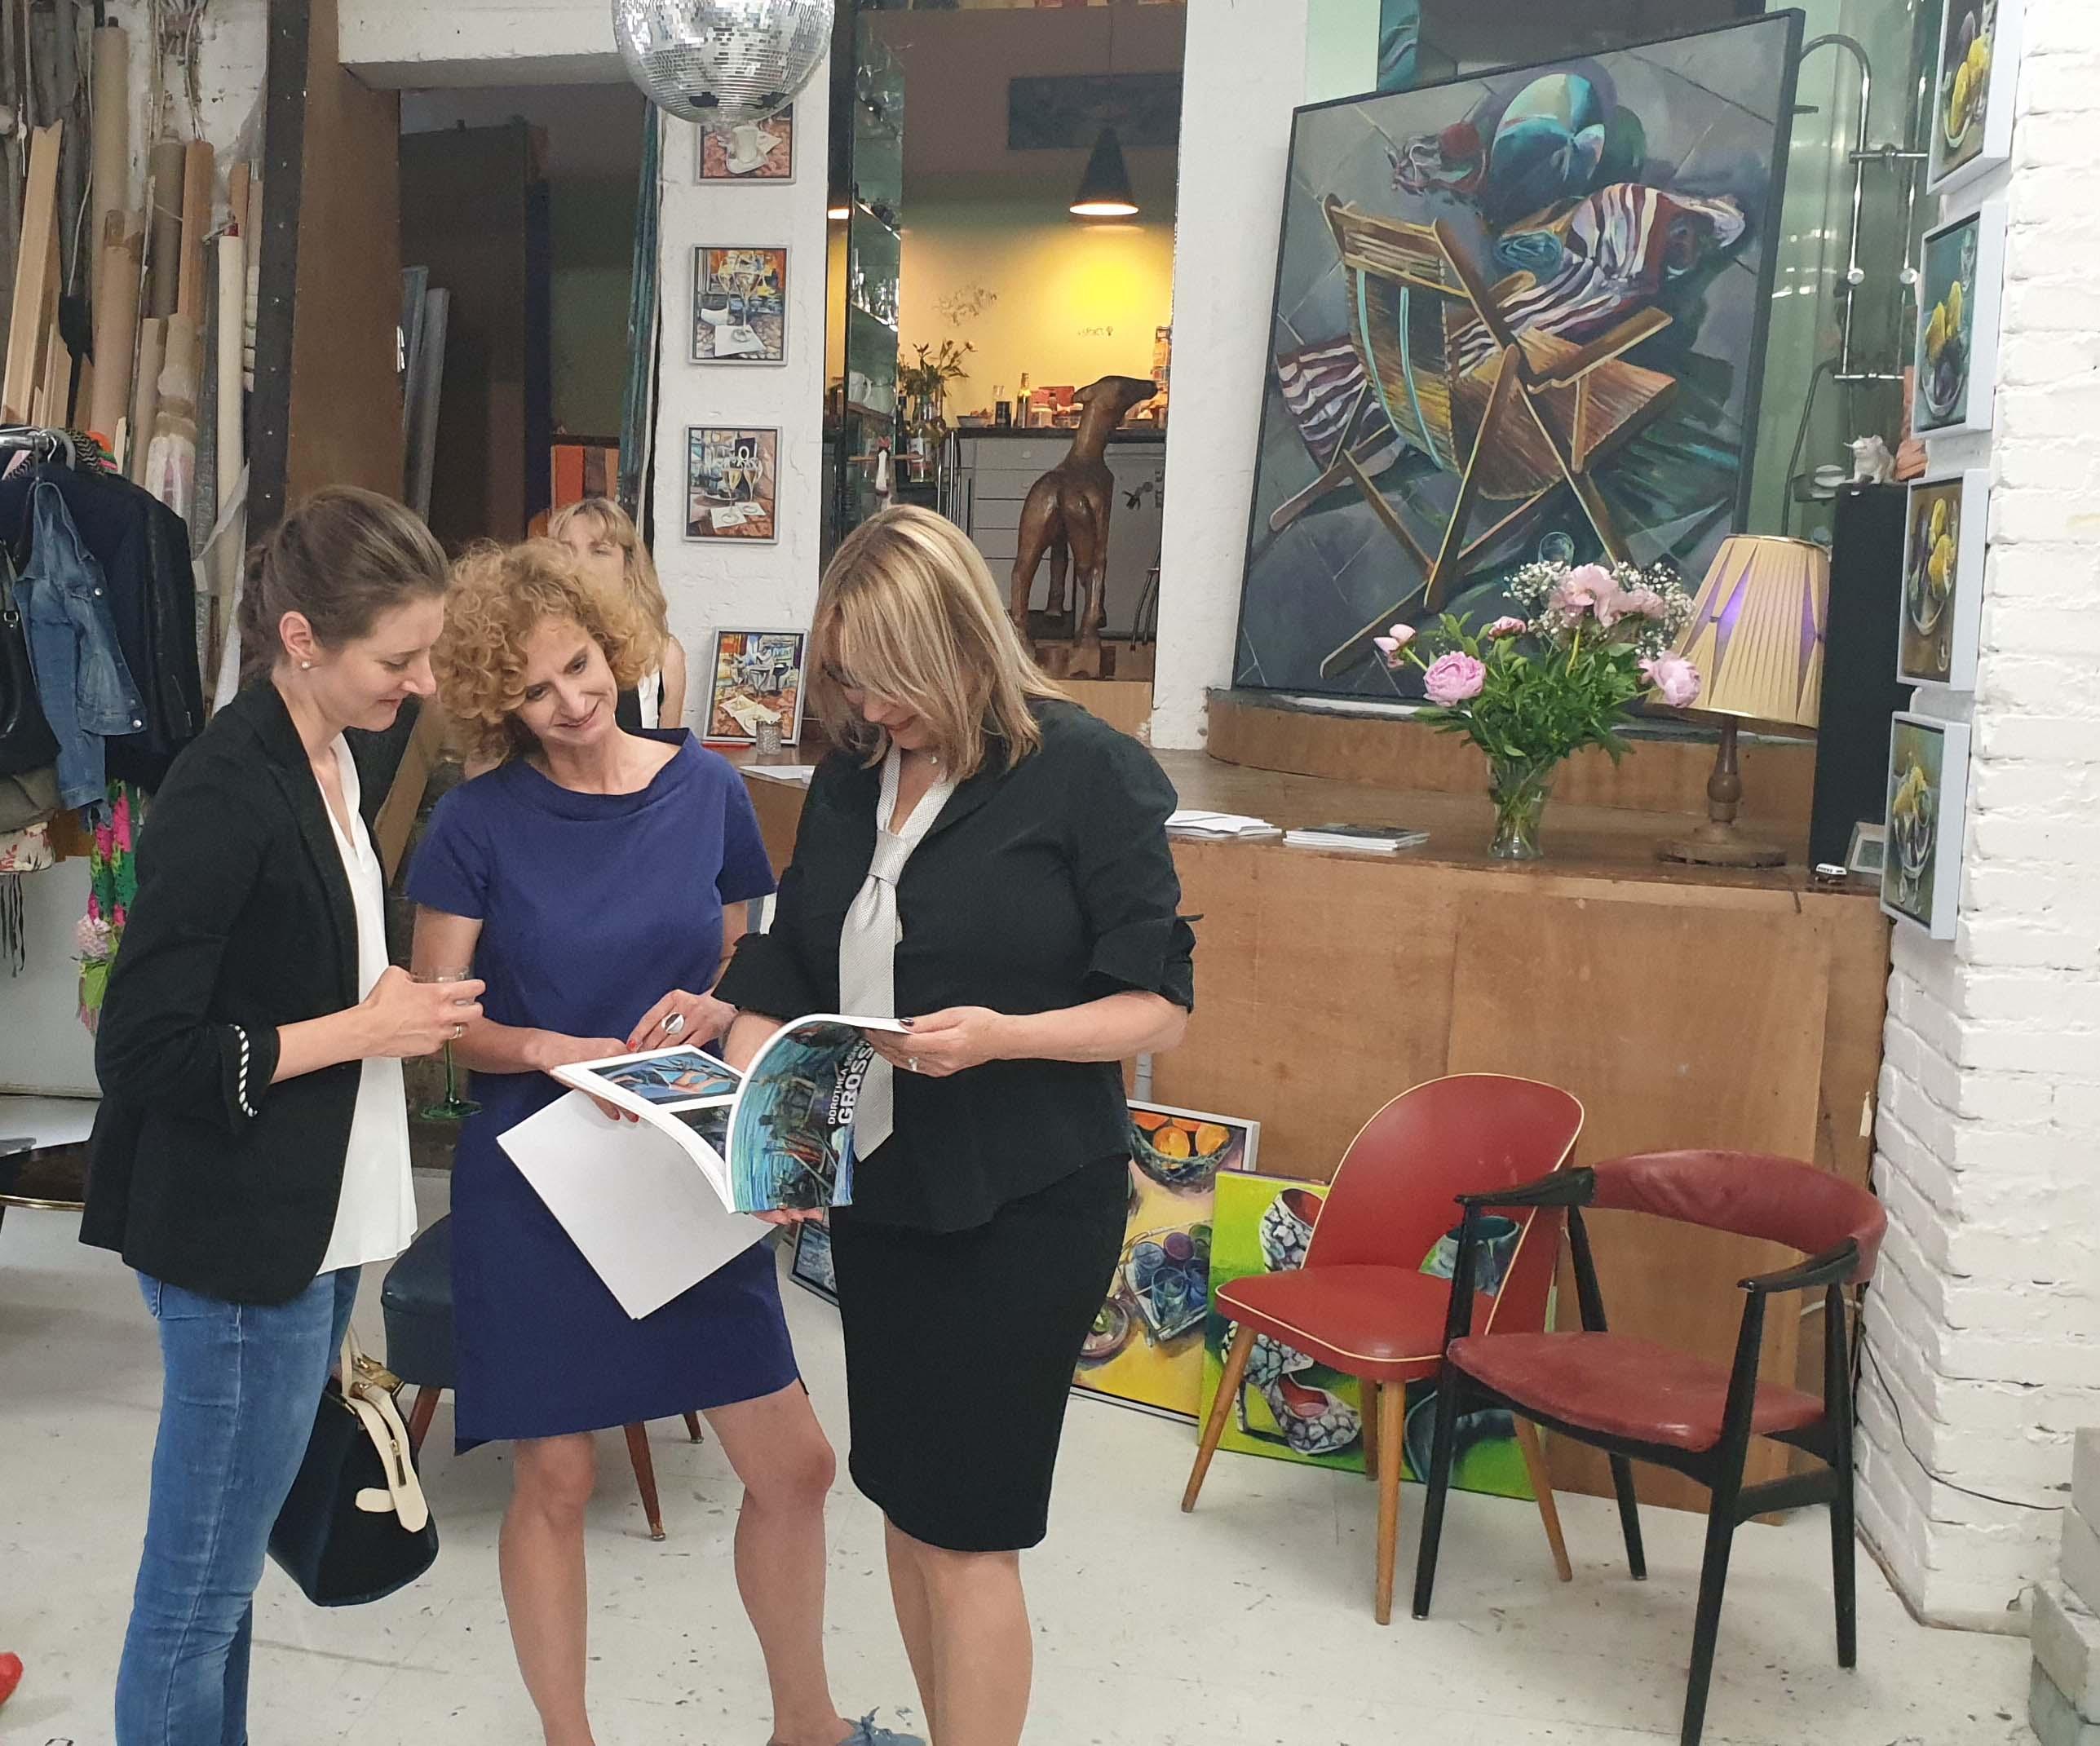 (c) Art Consulting Mese - Künstlerin Dorothea Schüle und Besucherinnen der FrauenArt vom 05.06.2019 im Atelier der Künstlerin